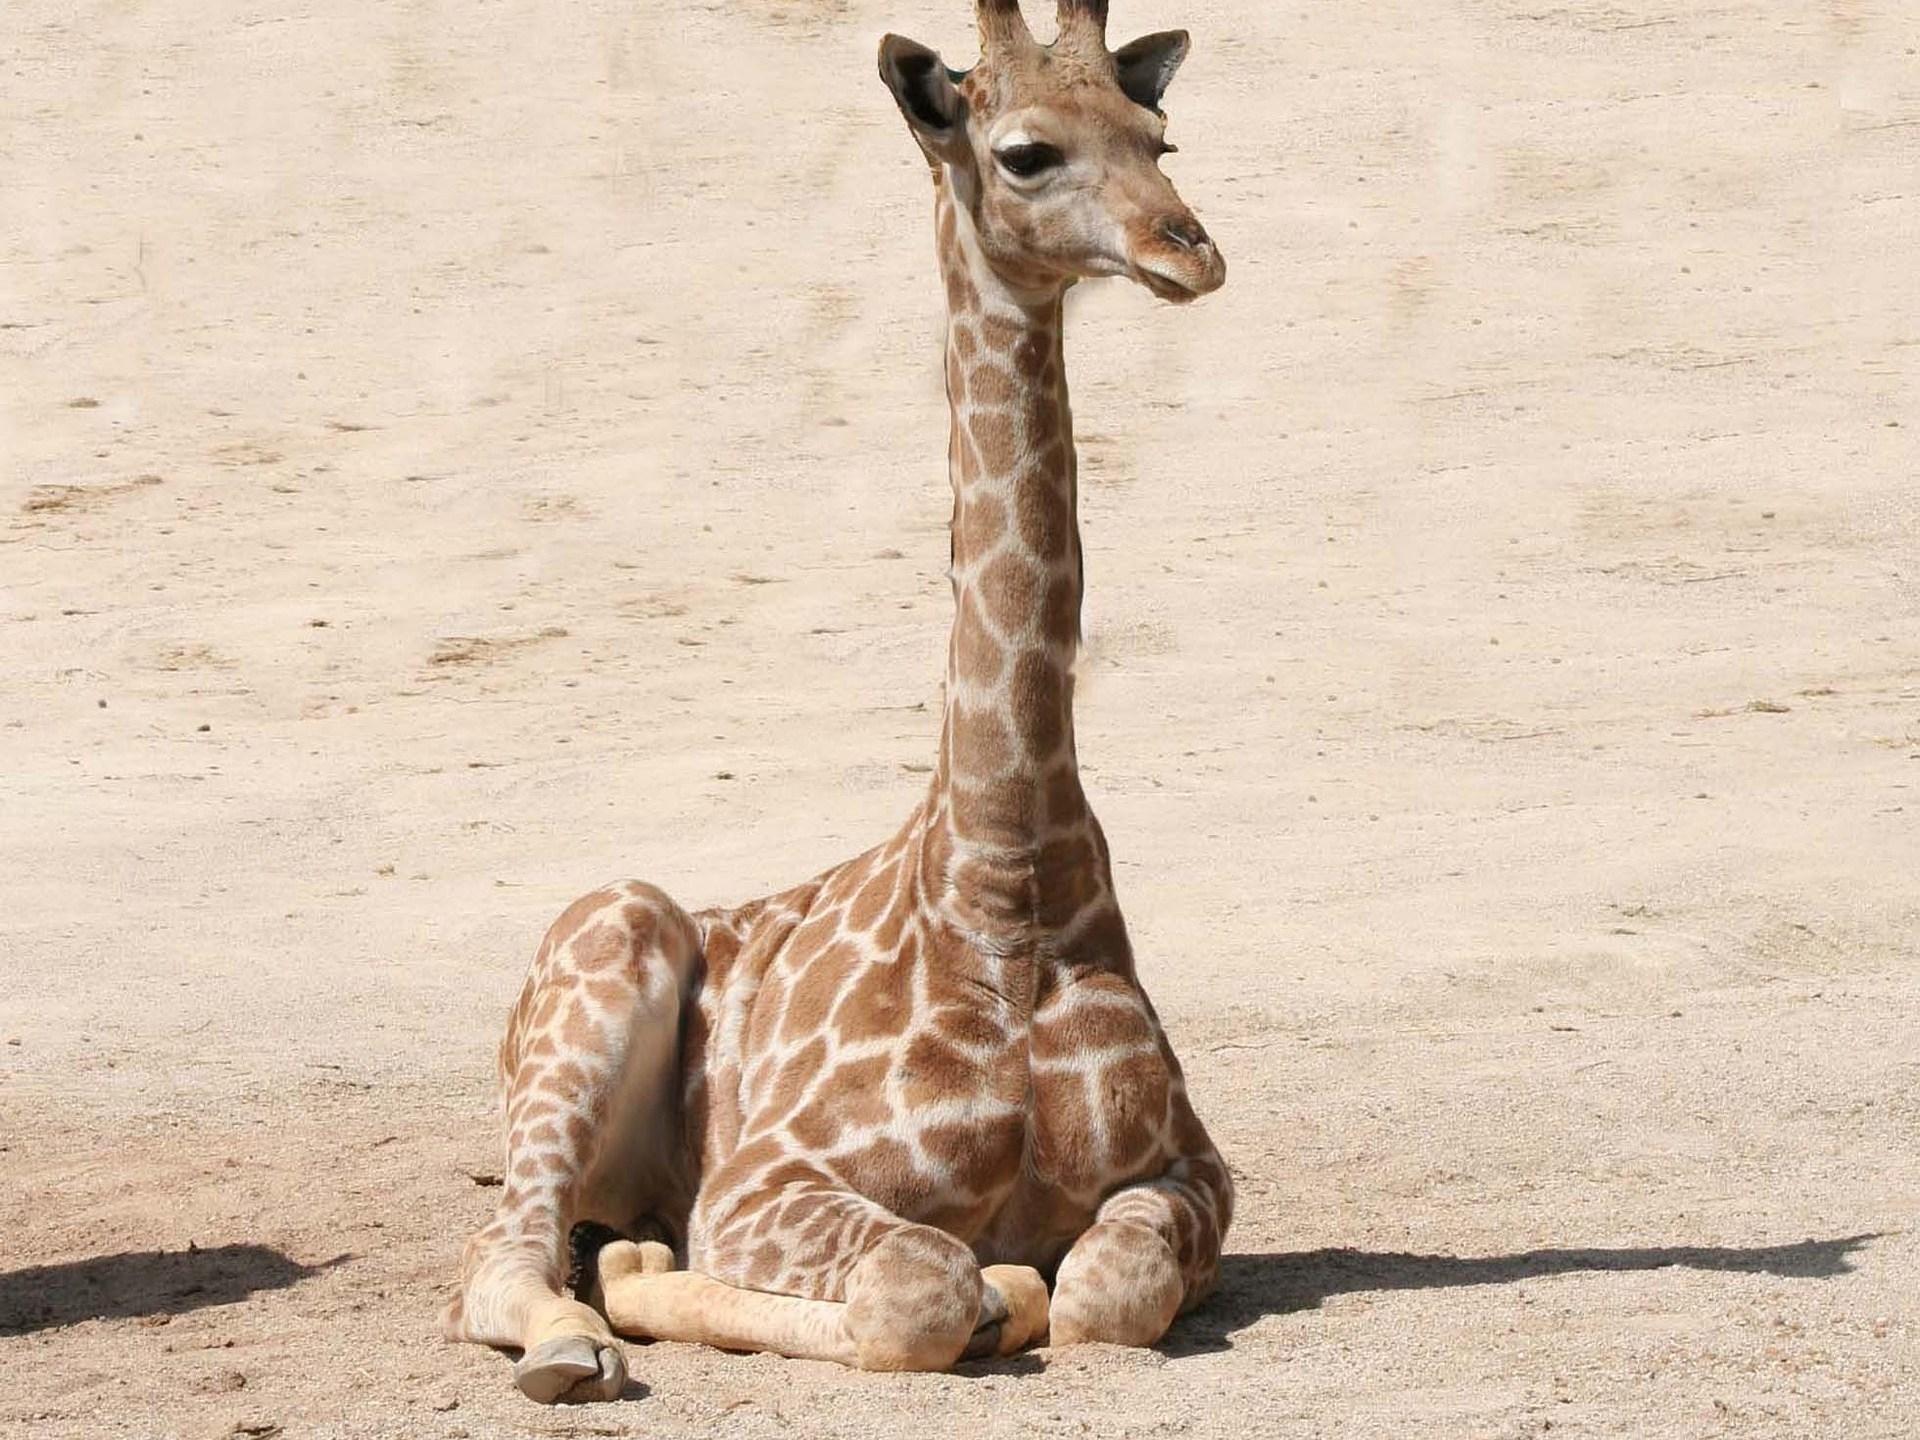 giraffe-1024589_1920_1525170740707.jpg